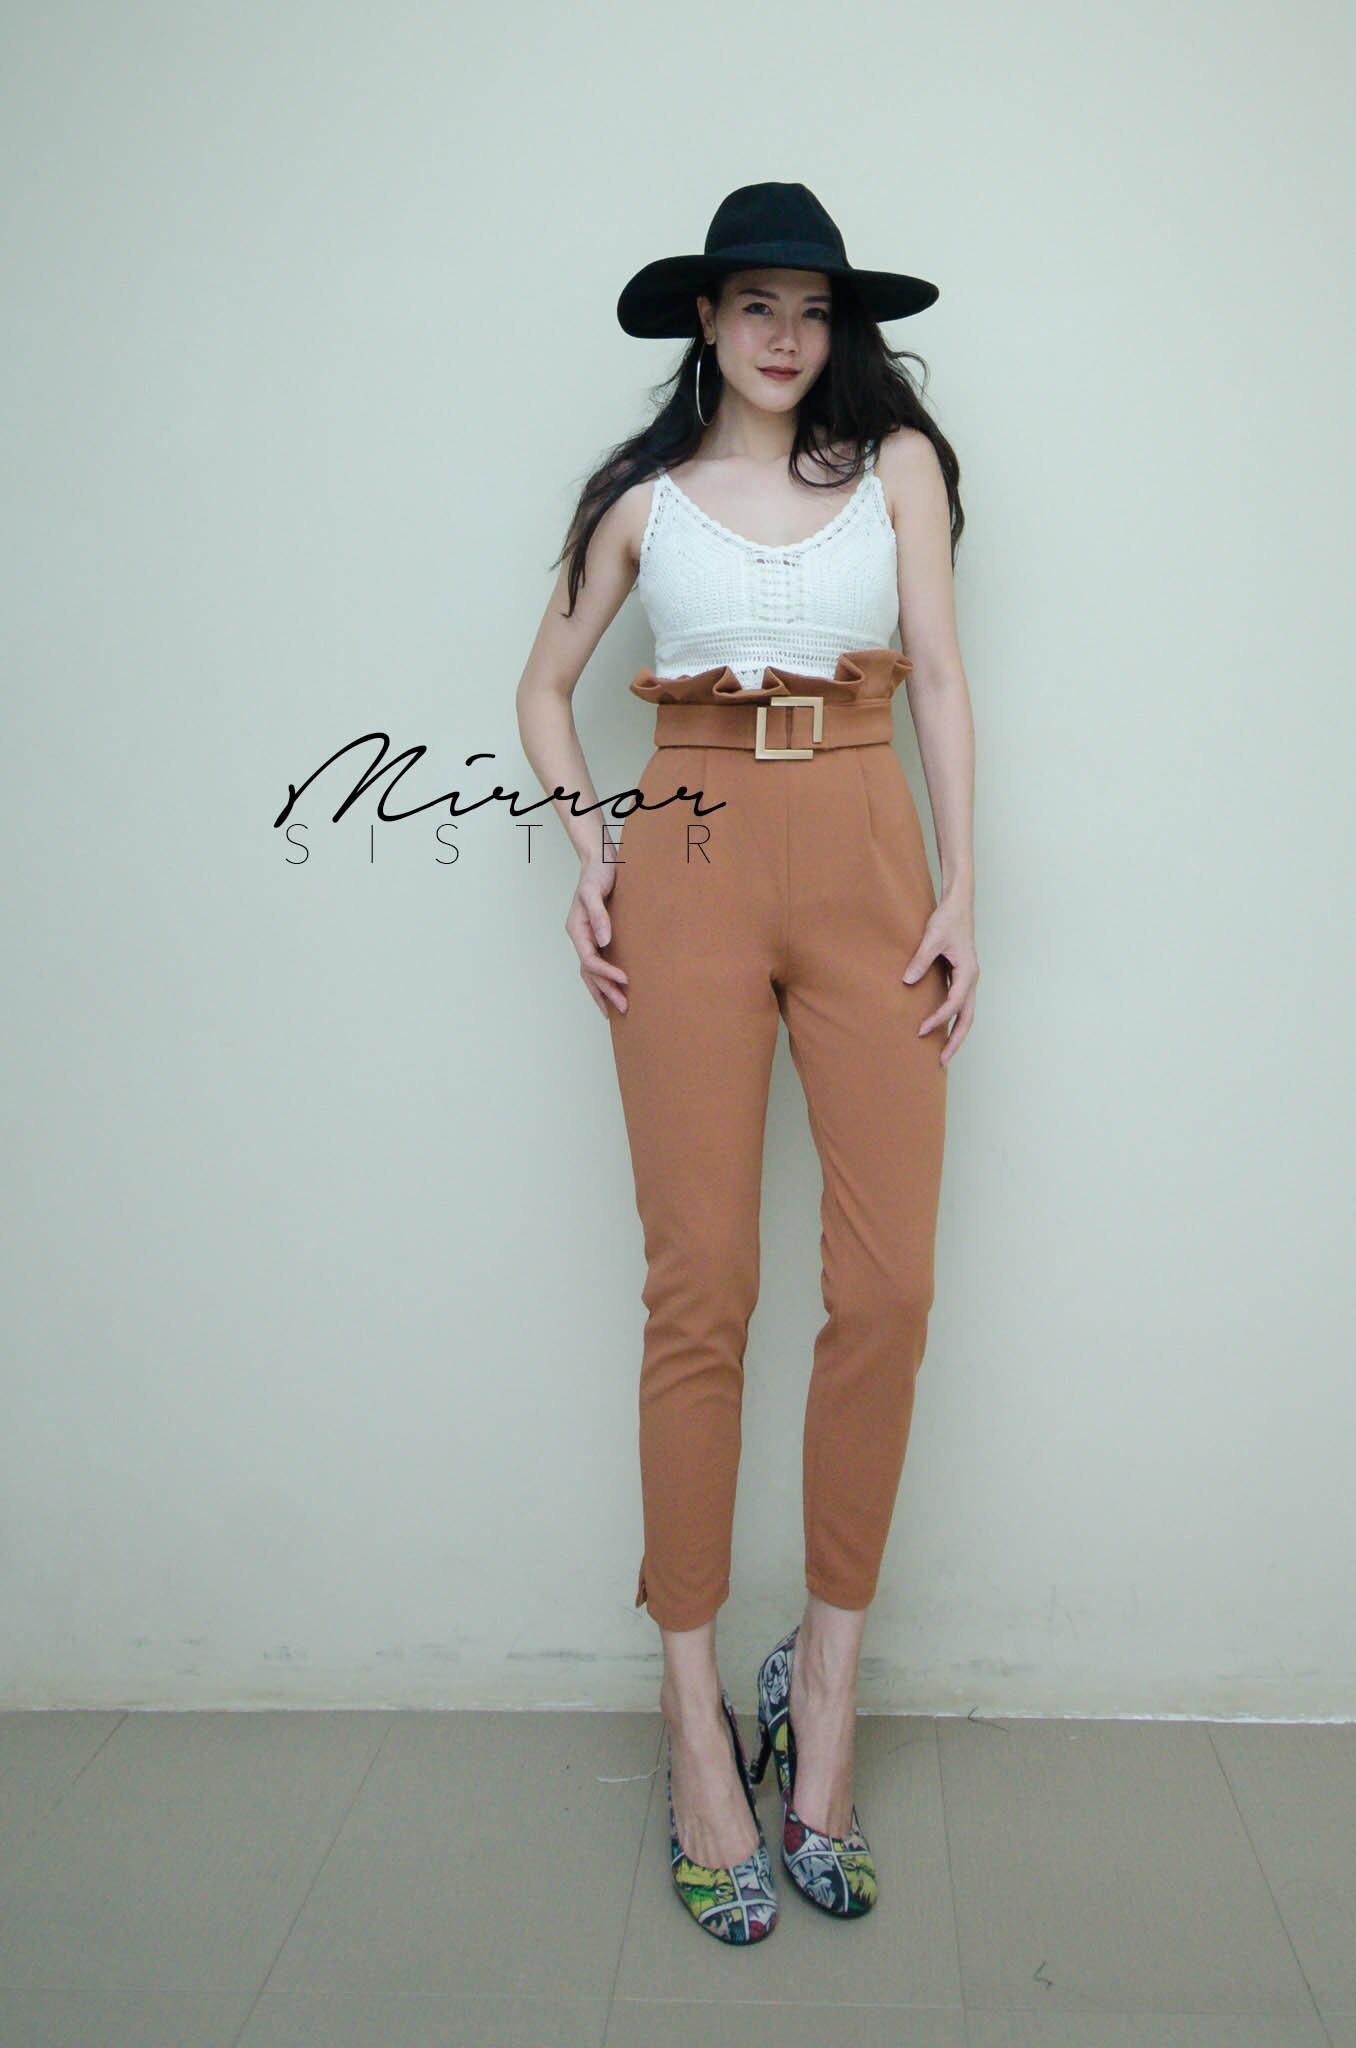 กางเกงเอวสูงแฟชั่น ส้มอิฐ